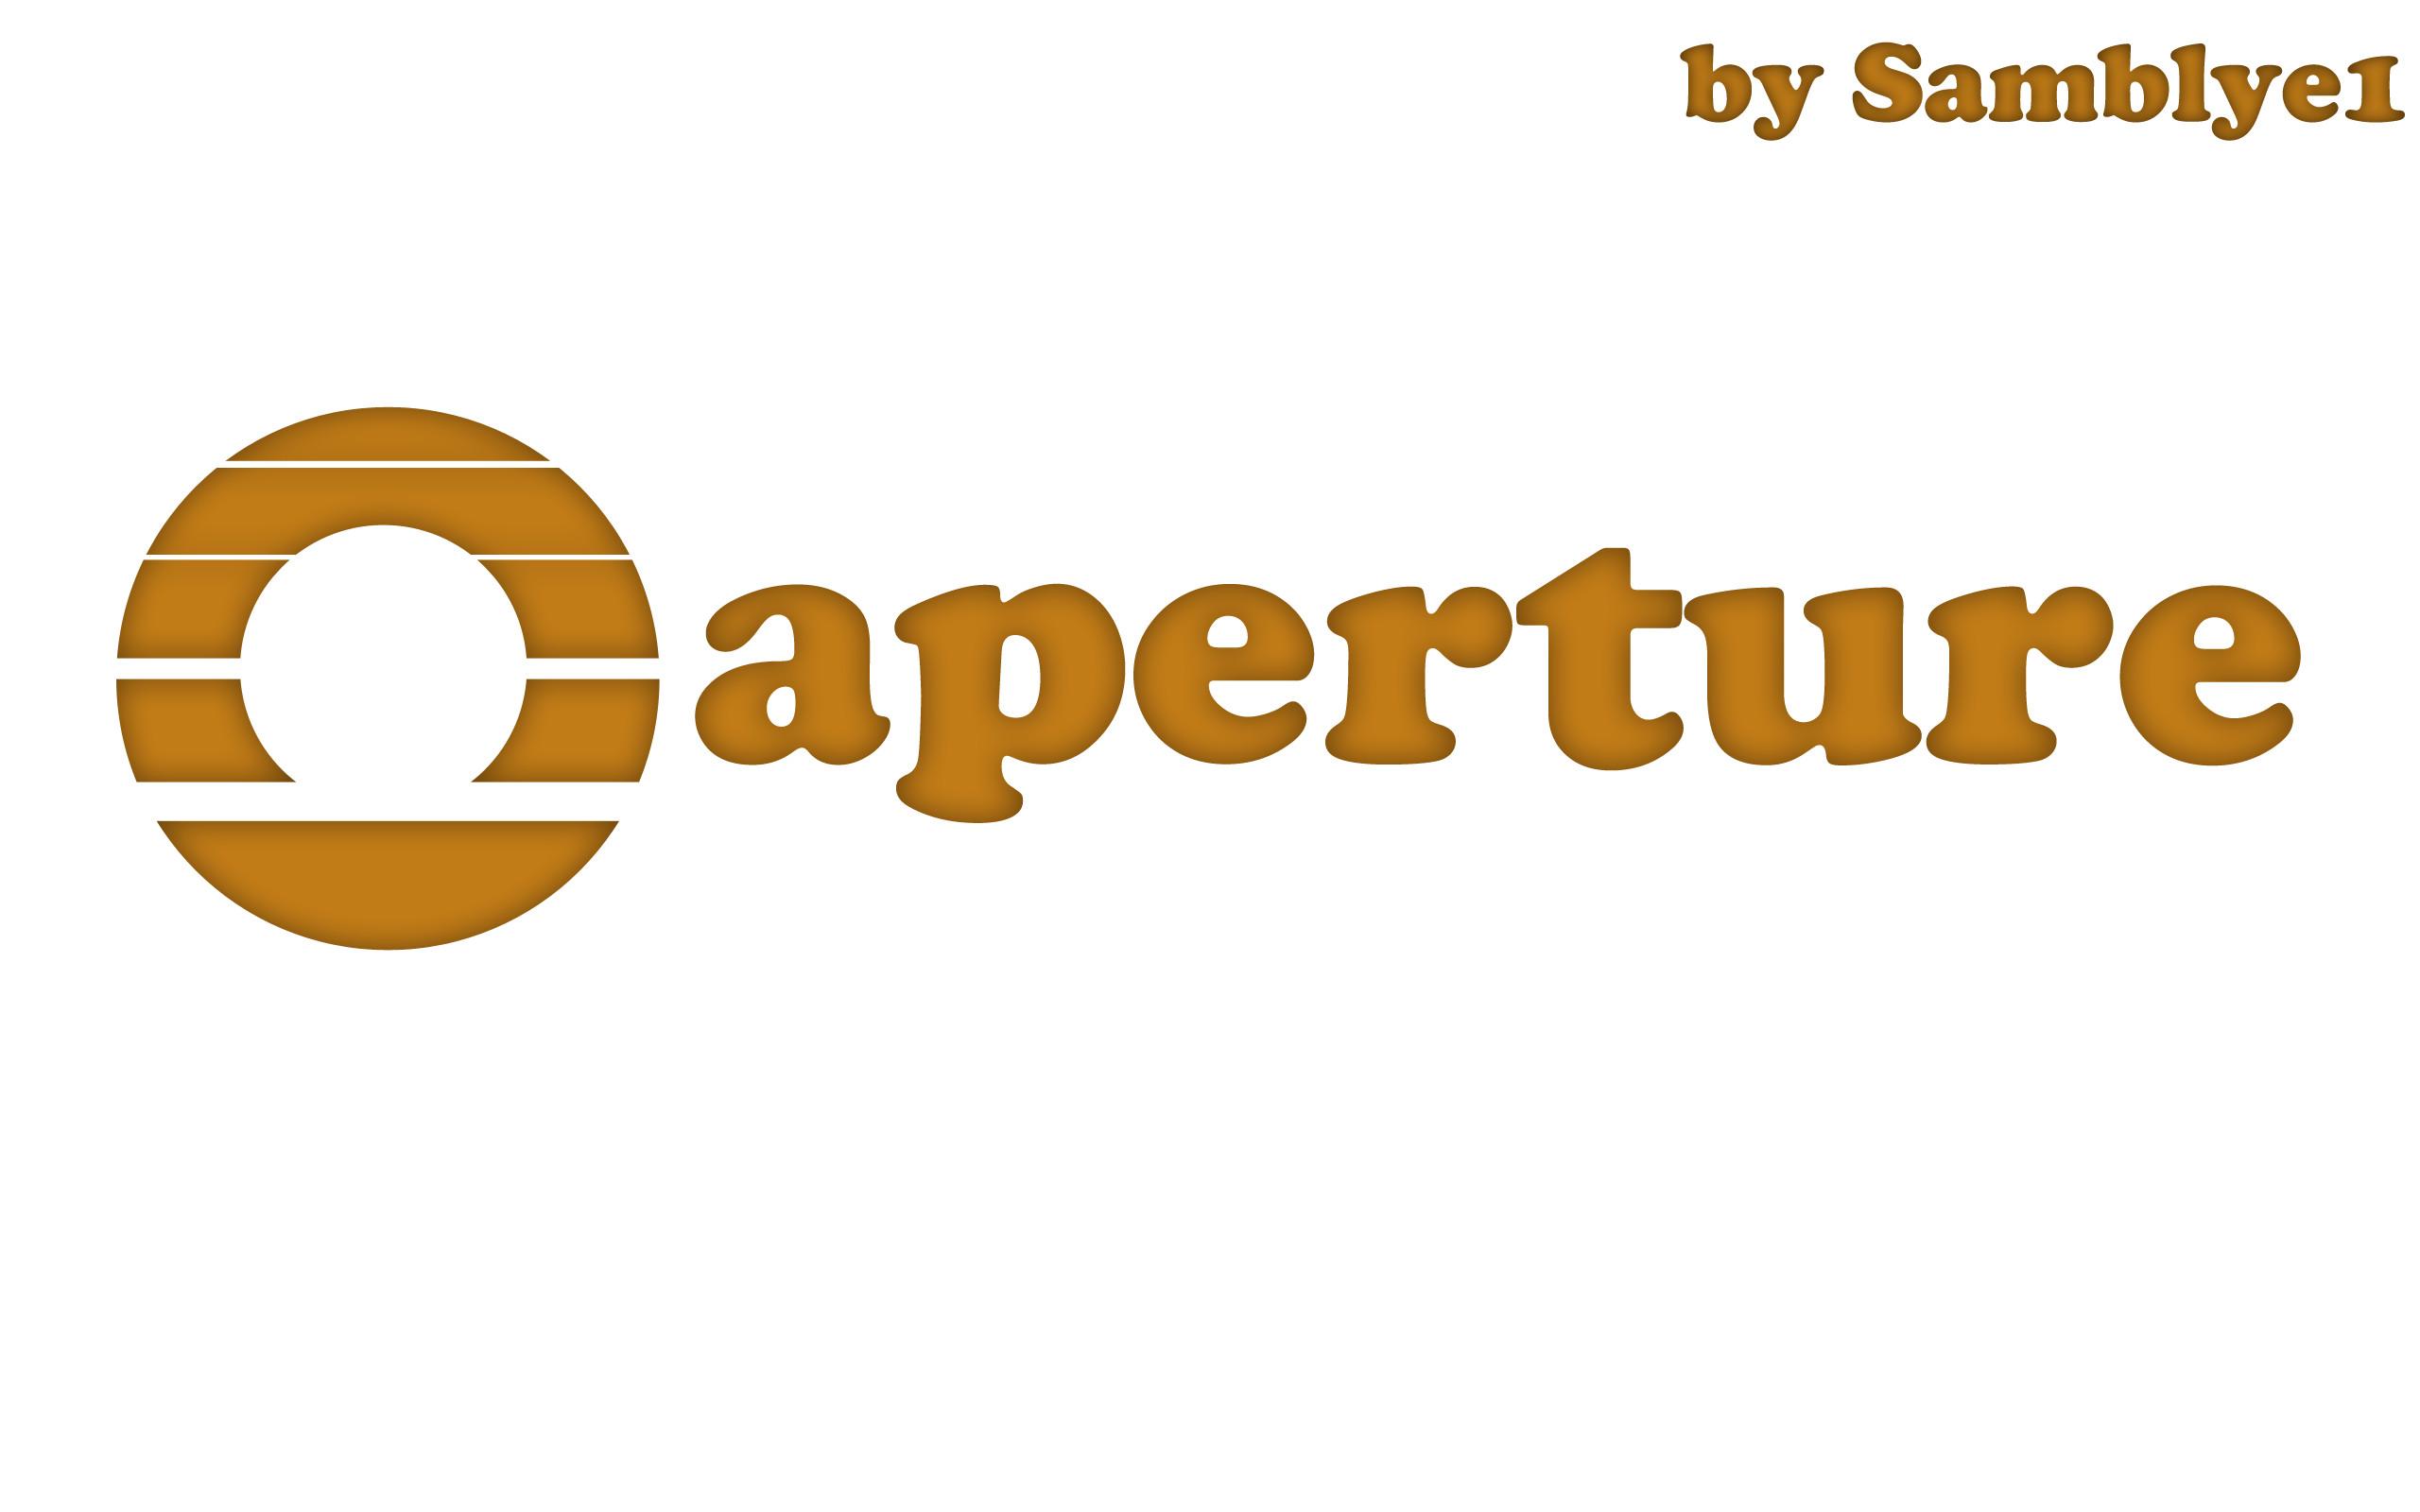 … Aperture Science 1970 Logo.psd by Sajextryus